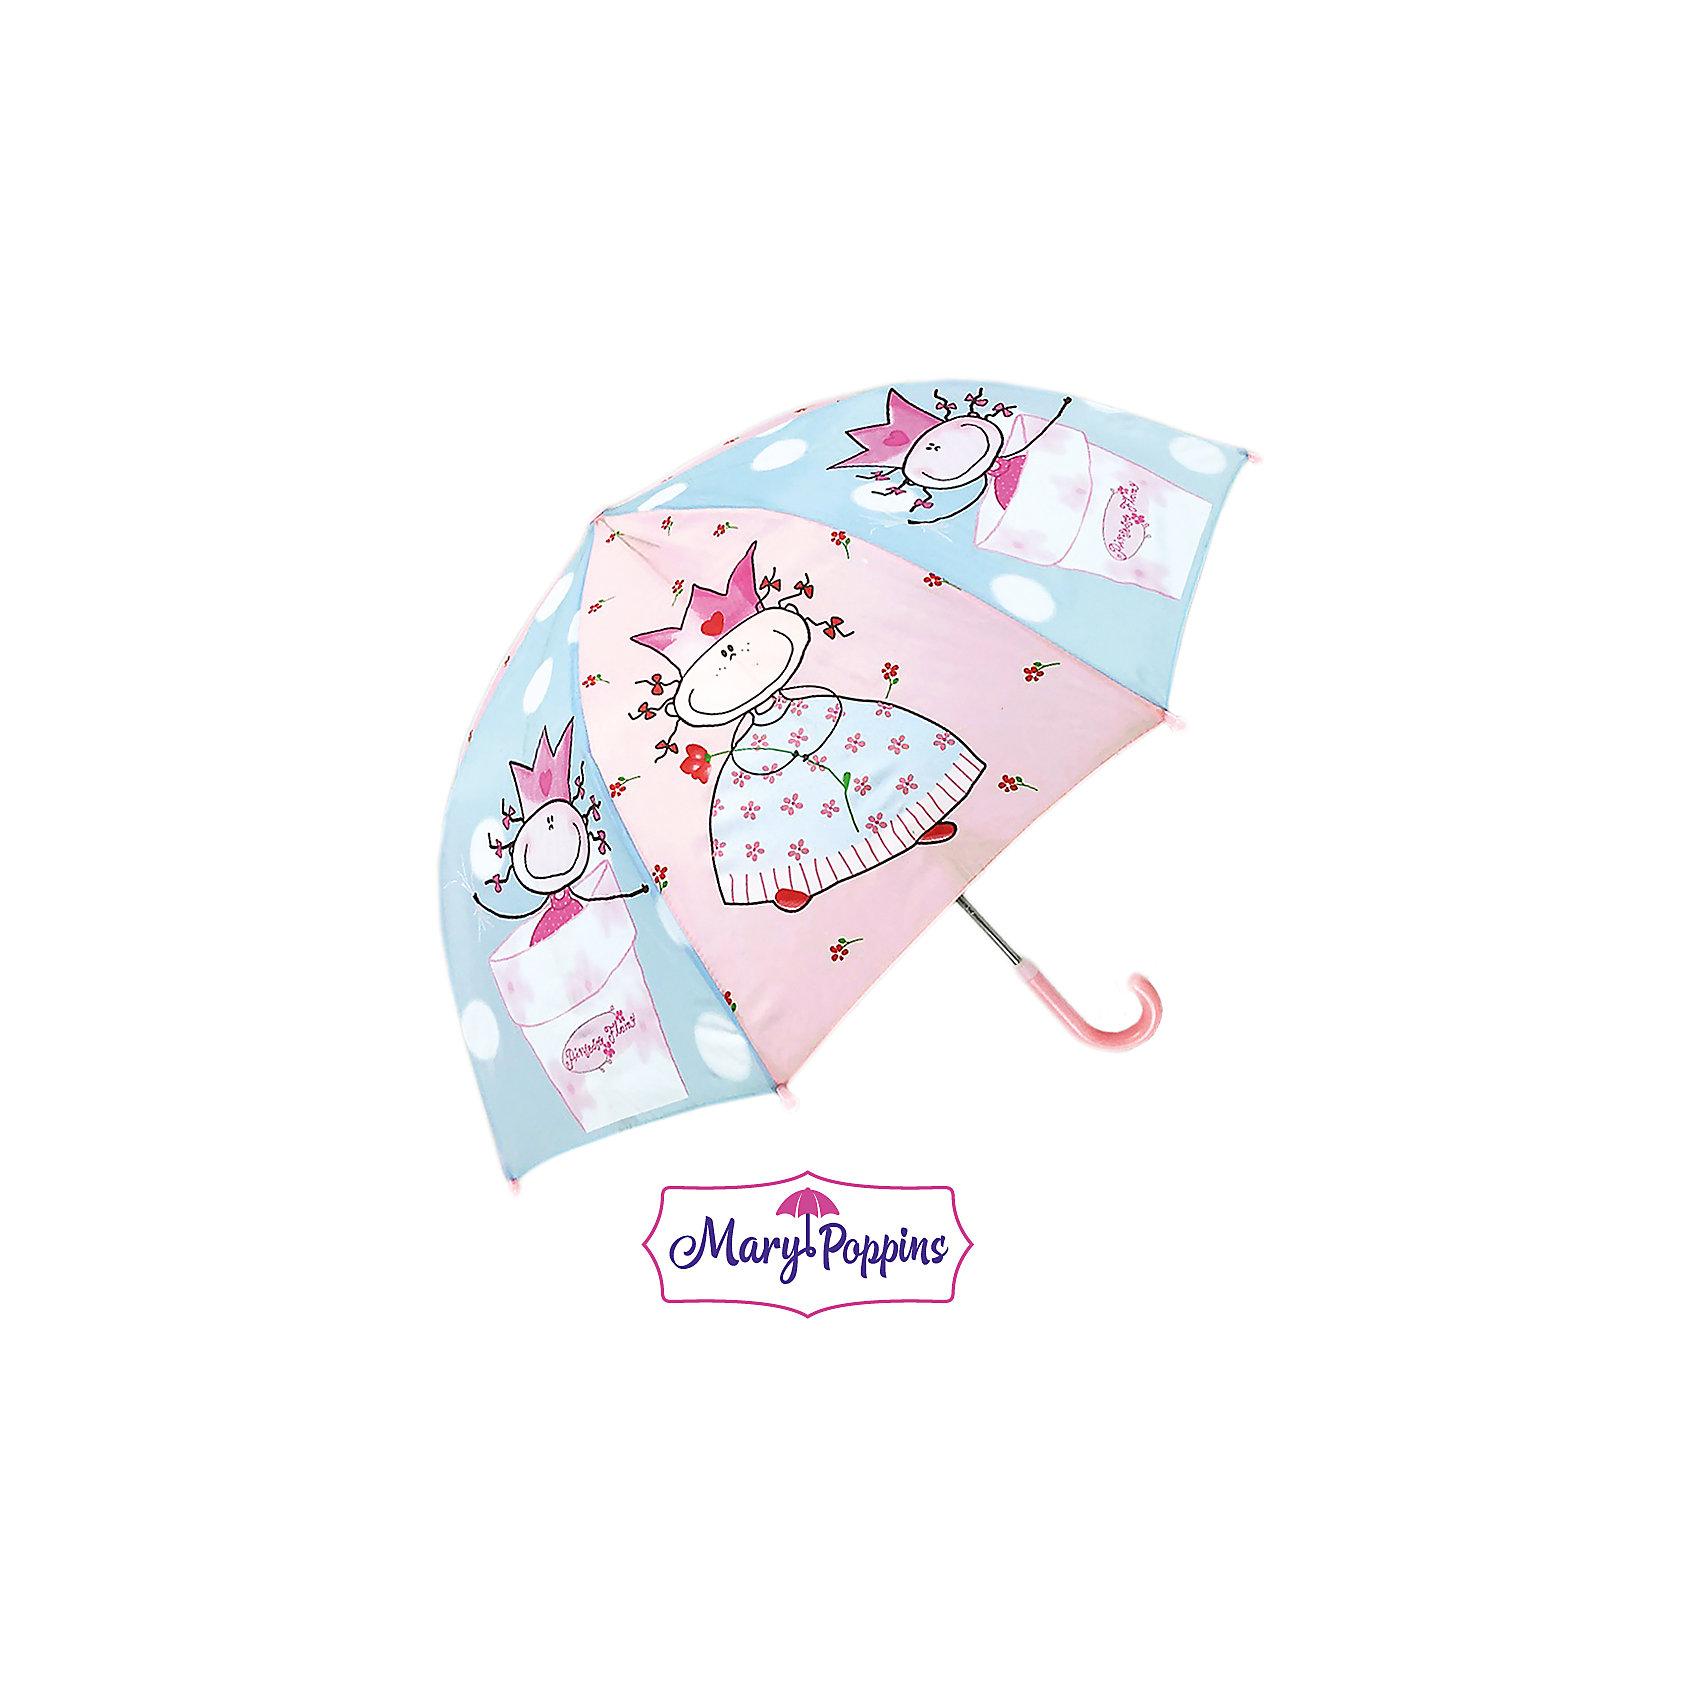 Зонт детский Смешная принцесса, 46см.Яркий и удобный зонтик для малышей Смешная принцесса. Радиус: 46 см. Длина ручки: 57 см.<br><br>Ширина мм: 580<br>Глубина мм: 400<br>Высота мм: 400<br>Вес г: 200<br>Возраст от месяцев: 36<br>Возраст до месяцев: 2147483647<br>Пол: Женский<br>Возраст: Детский<br>SKU: 5508524